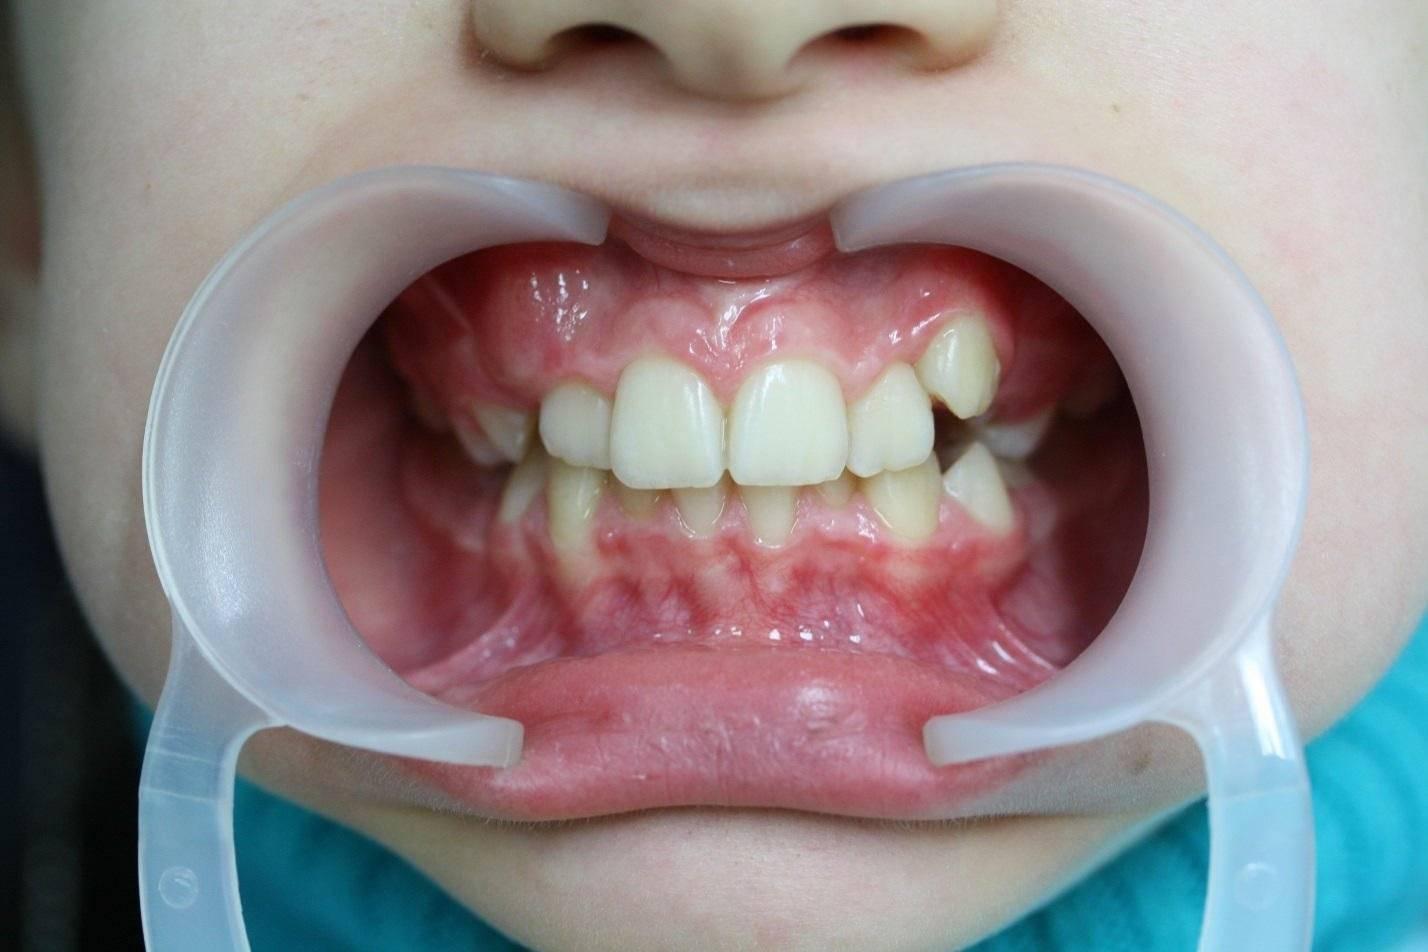 Как долго лезут клыки у ребенка: болезненные симптомы